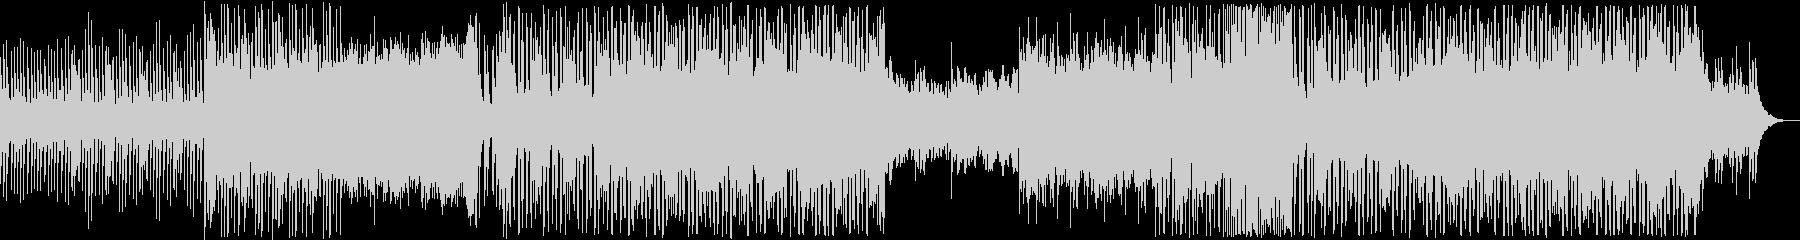 マリンバ×エレクトロの可愛らしいサウンドの未再生の波形